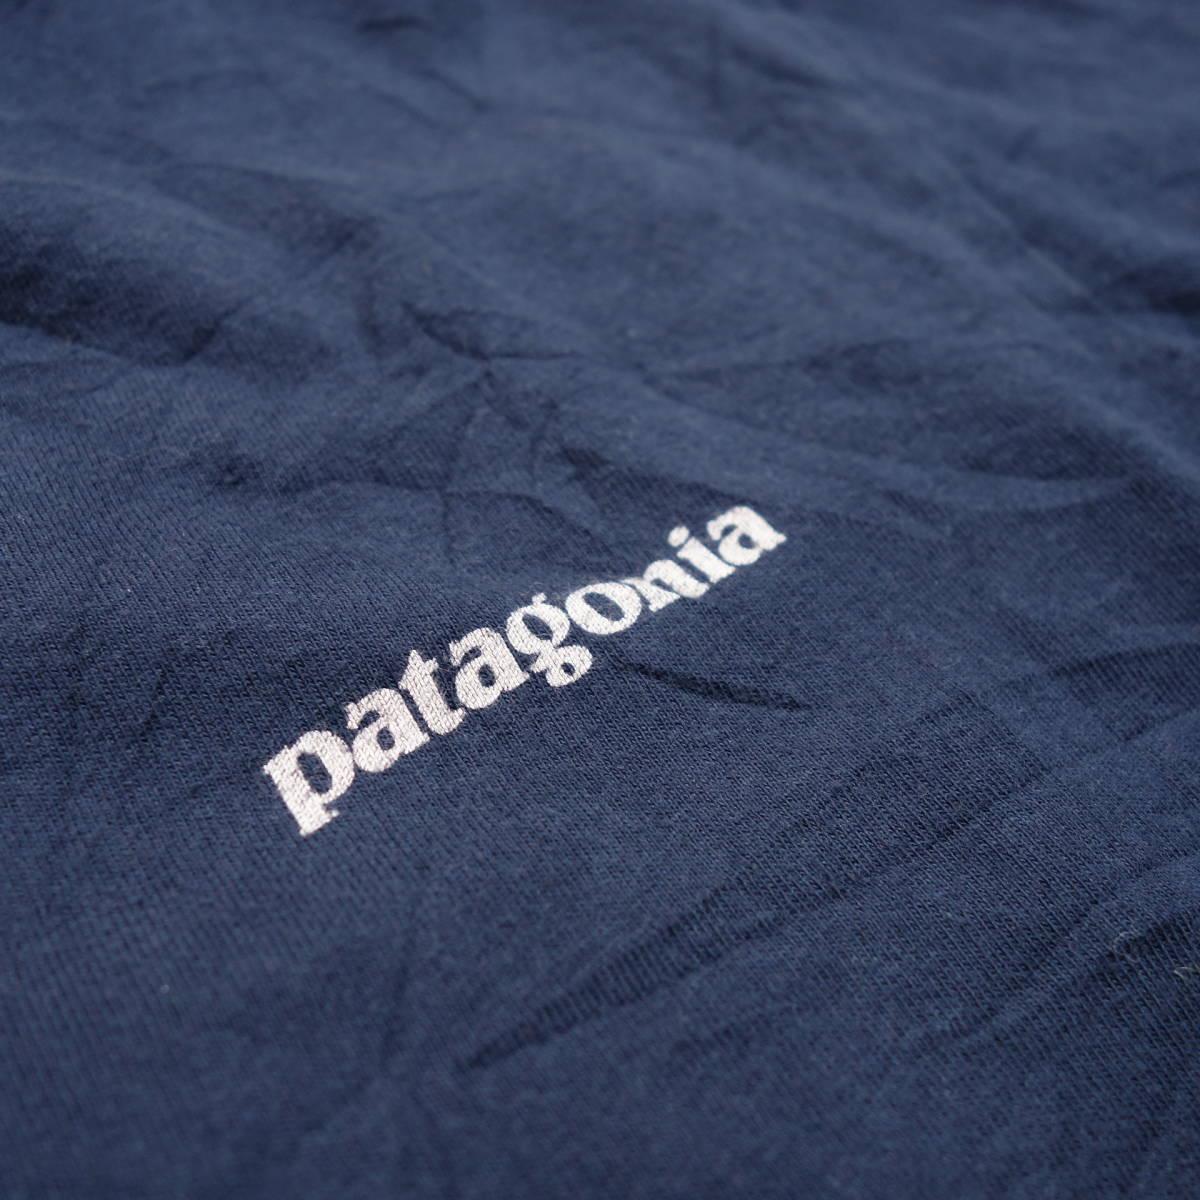 パタゴニア patagonia Tシャツ 半袖 メンズ S クルーネック バックプリント アウトドア カジュアル アメリカ USA直輸入 古着 MNO-1-1-0510_画像7